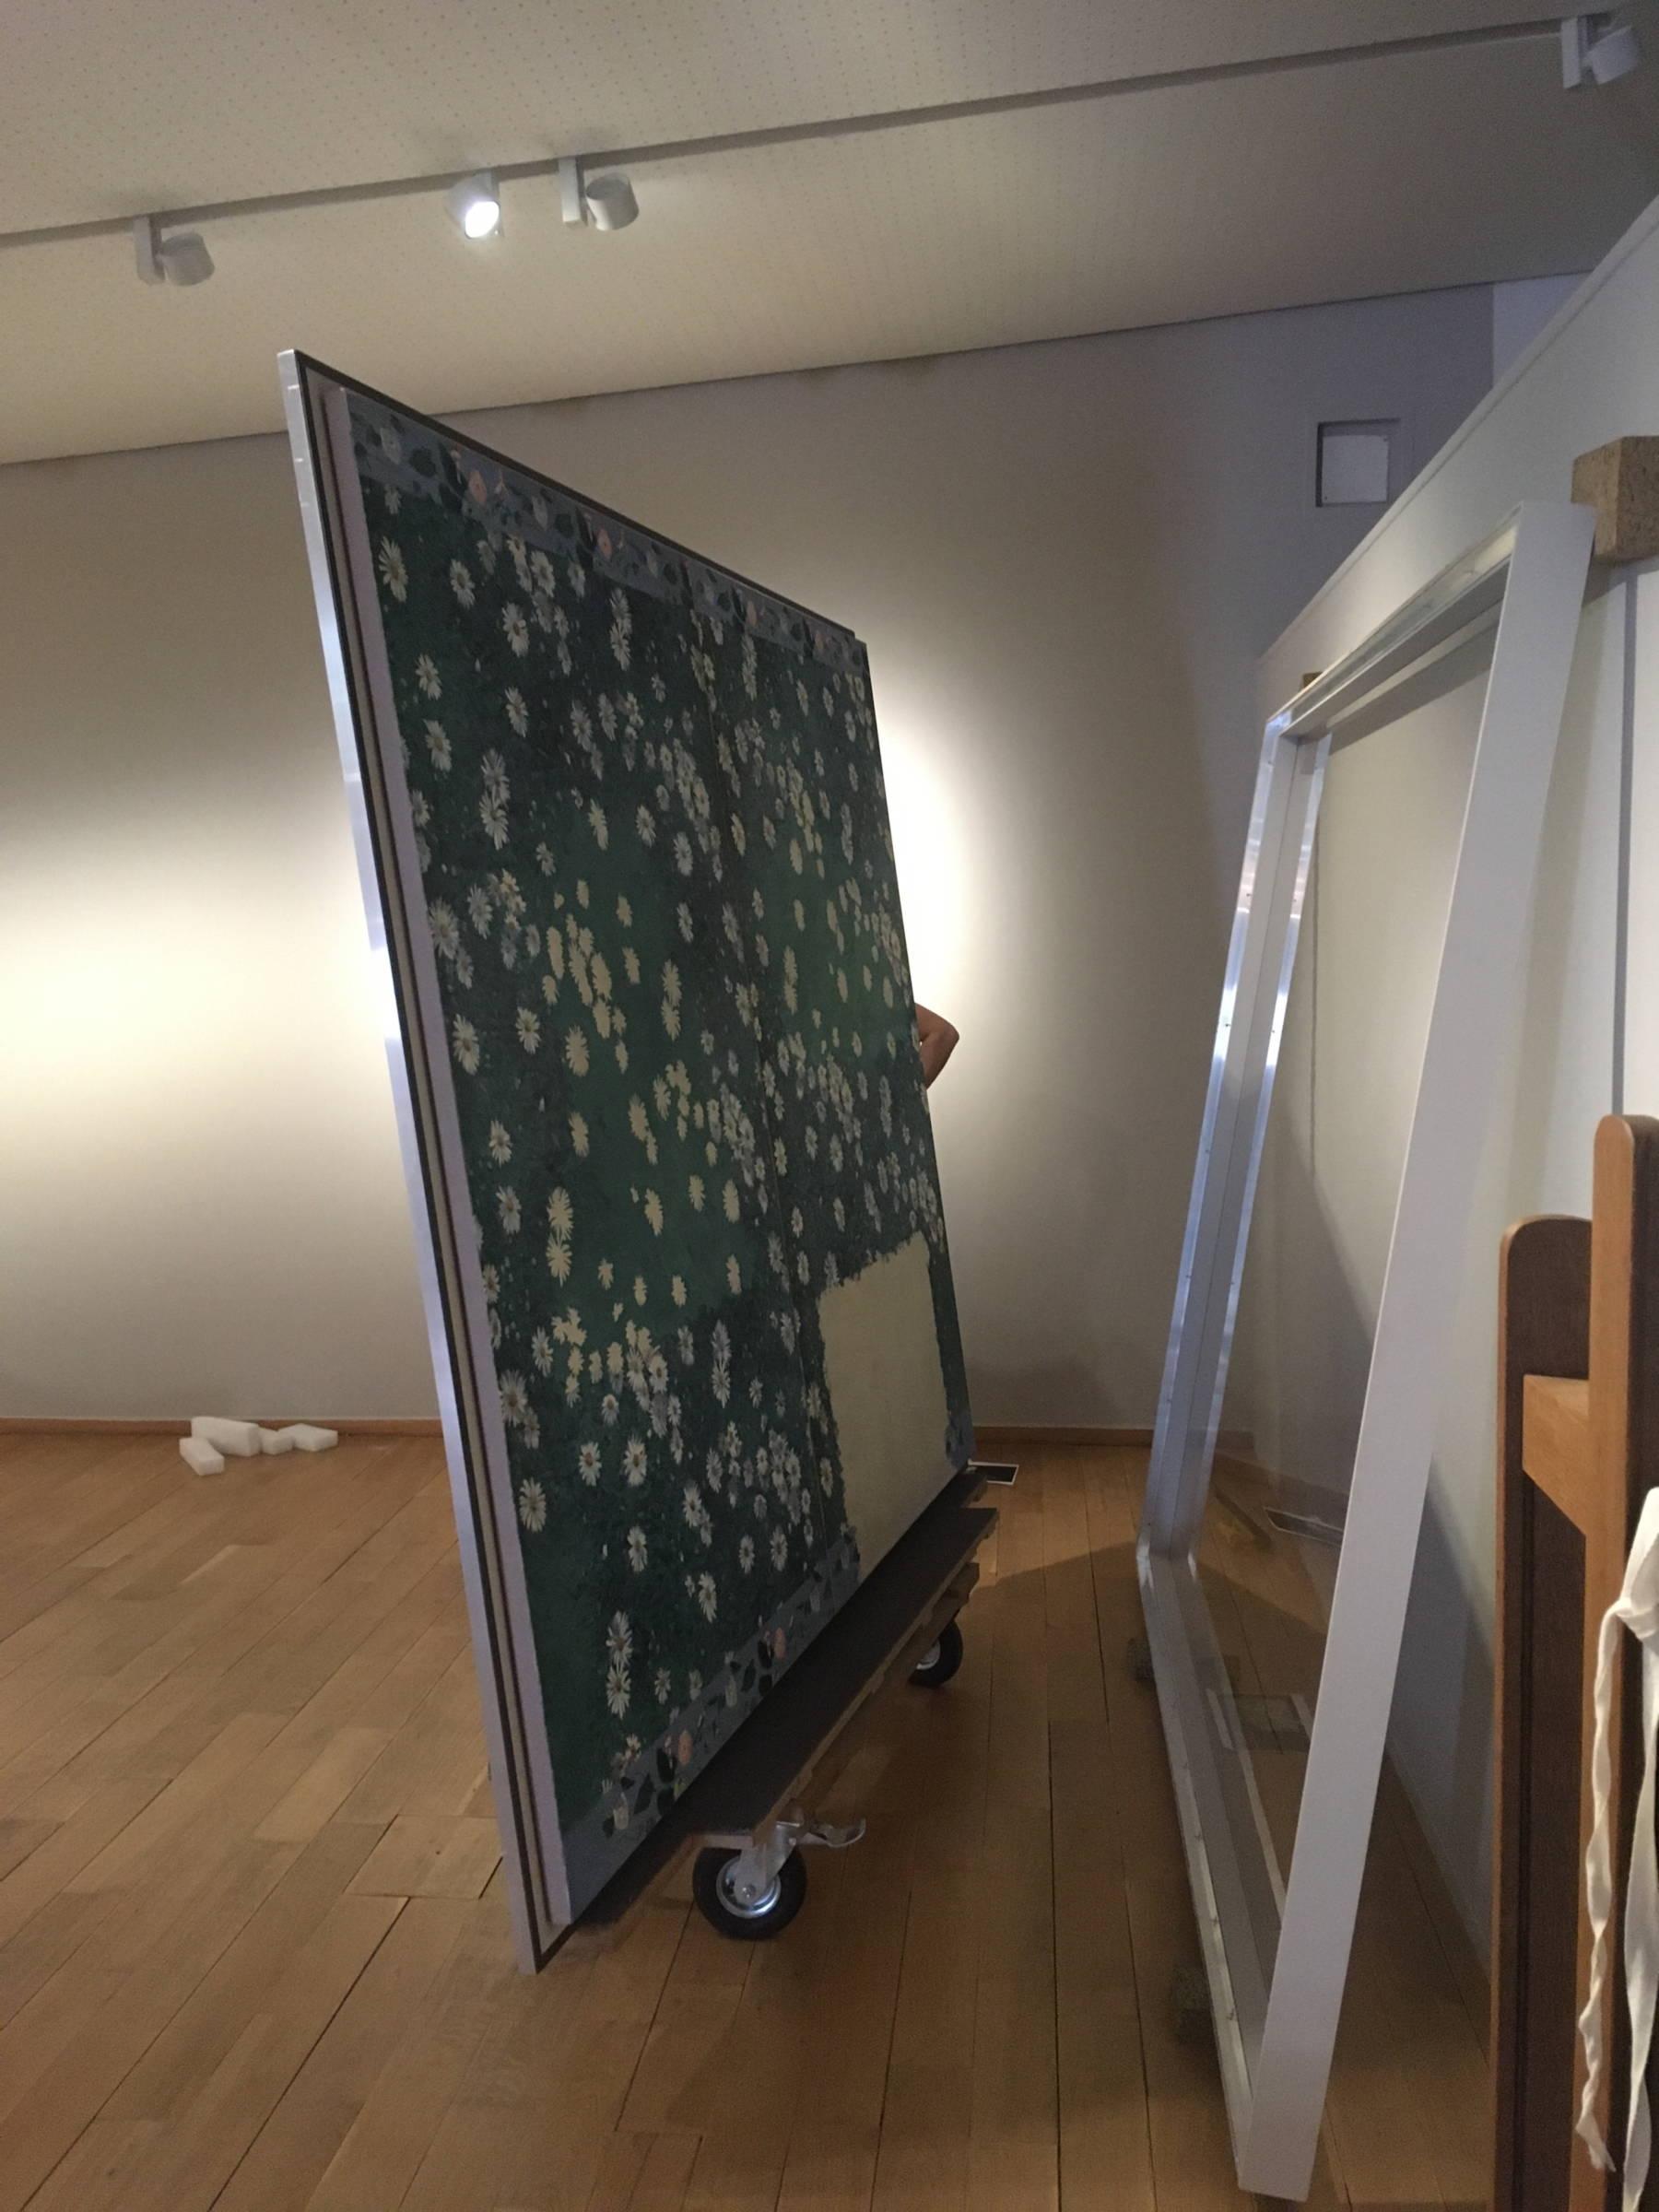 Parterre de marguerites de Gustave Caillebotte et son caisson climatique